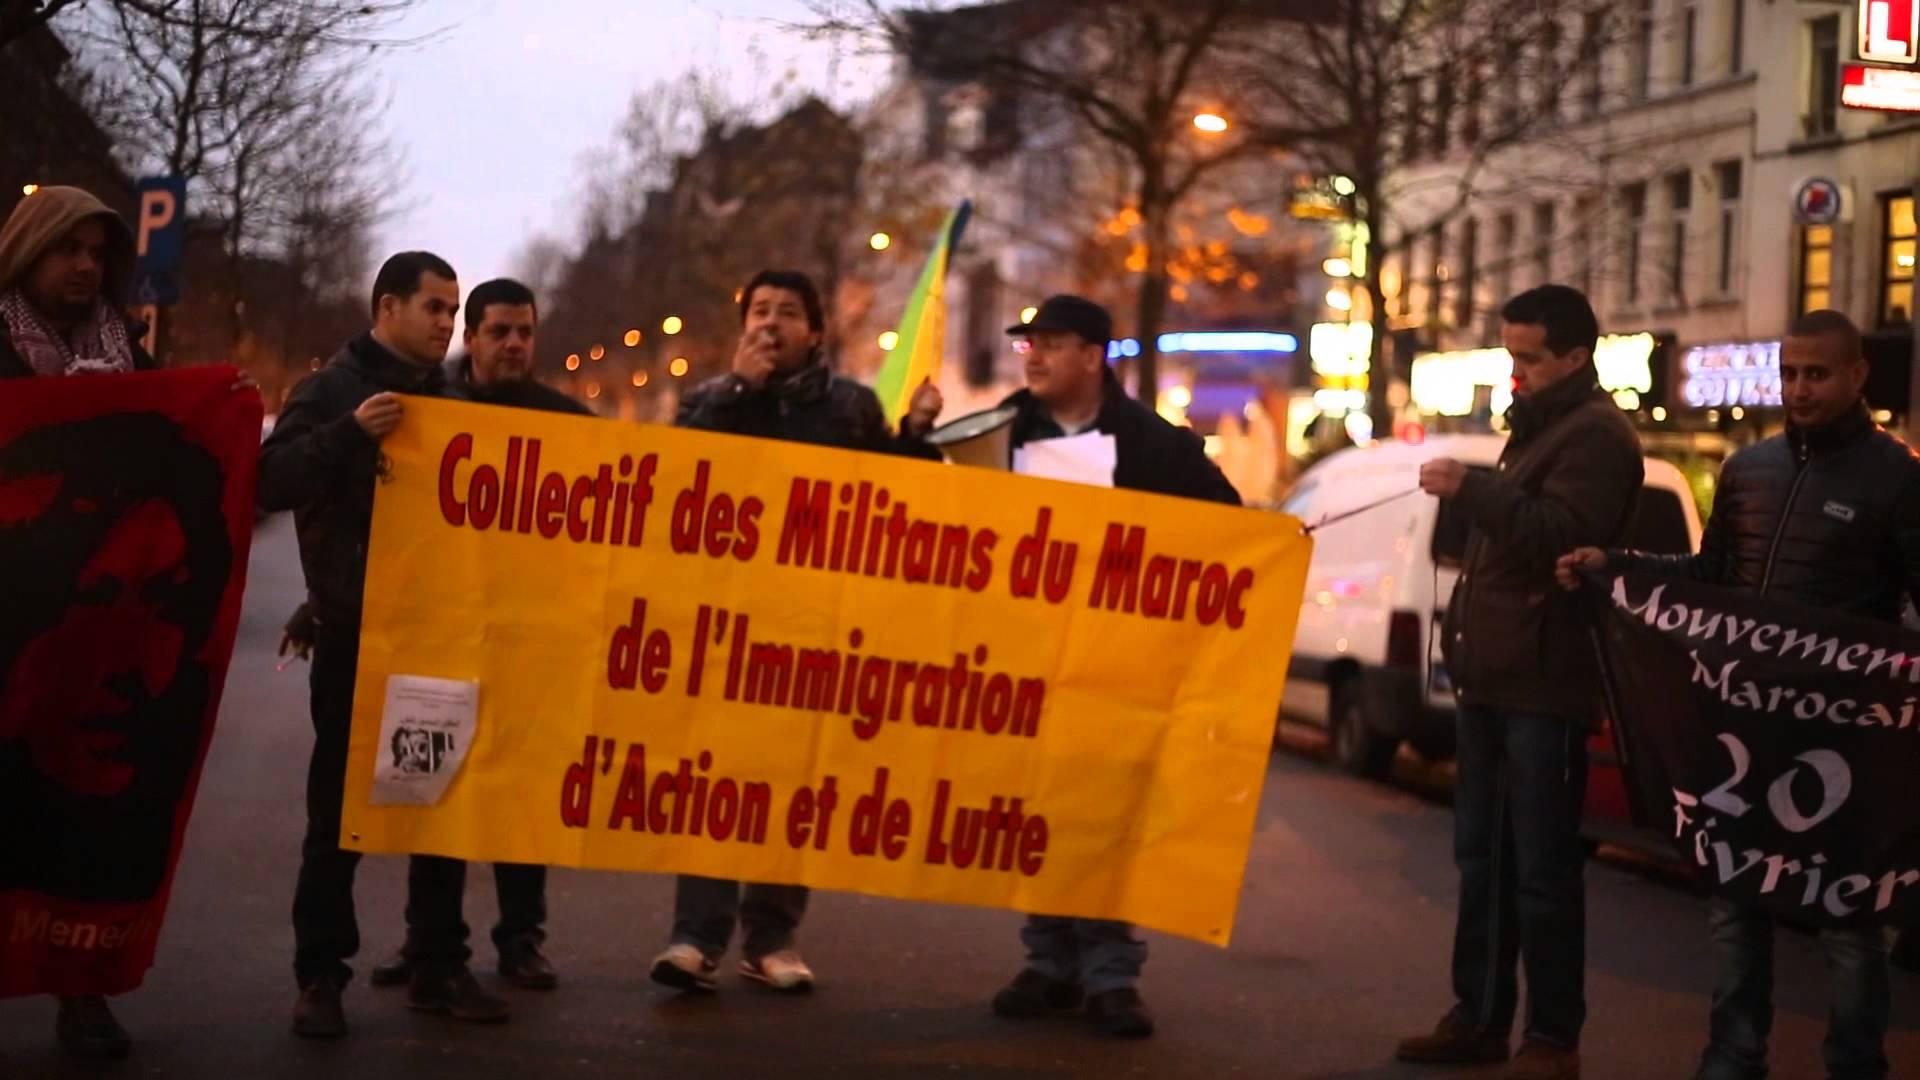 La diaspora marocaine se solidarise avec les Rifains et souhaite la fin de la monarchie. D. R.